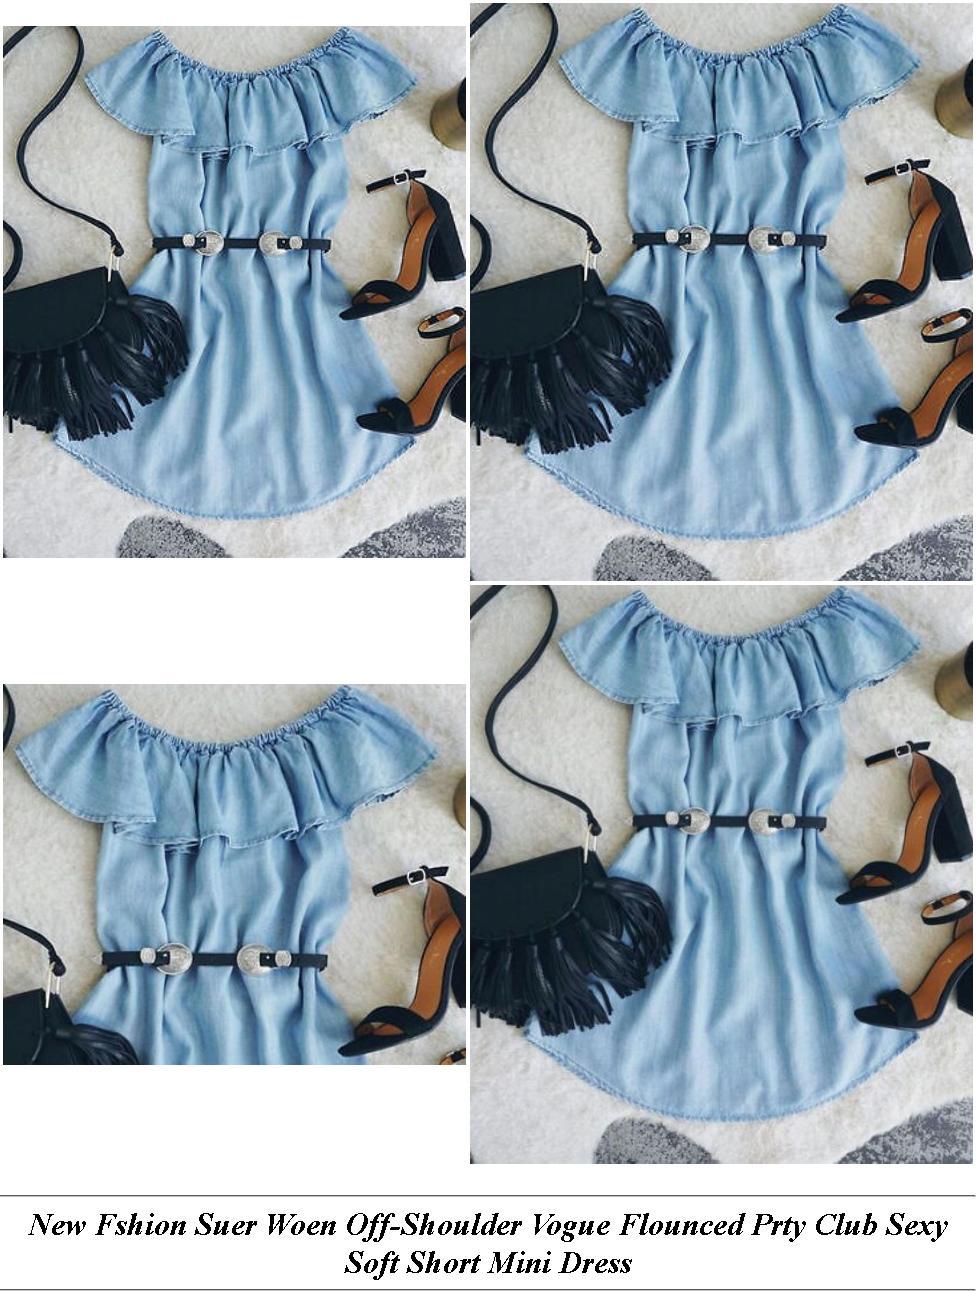 Plus Size Maxi Dresses - Uk Sale - Dress For Women - Cheap Womens Clothes